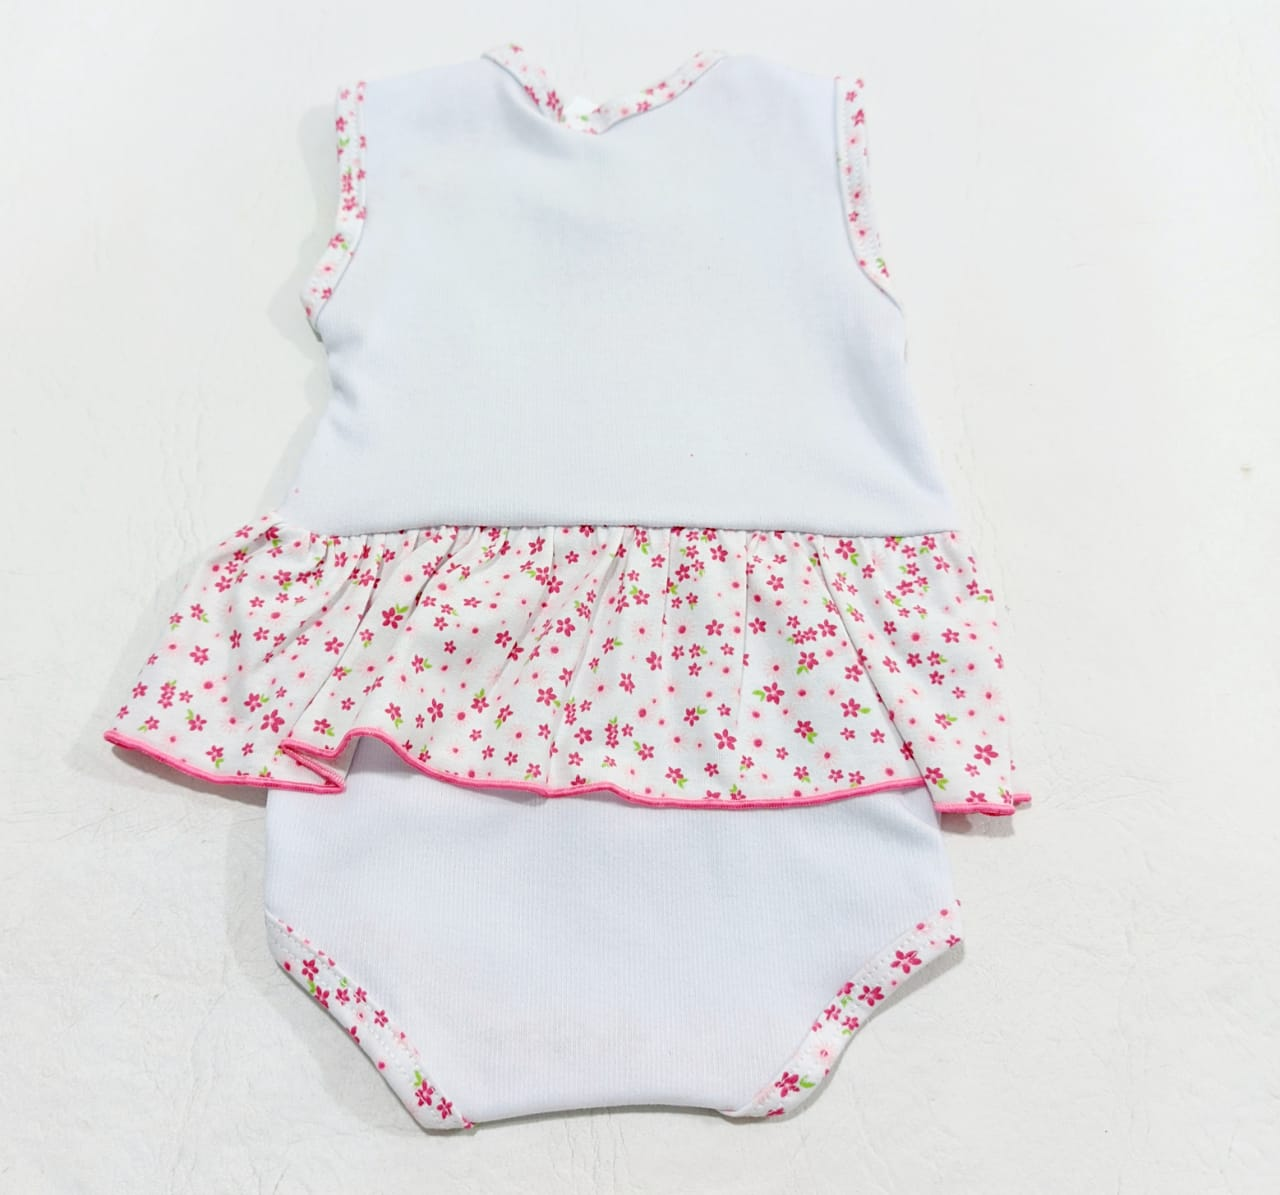 Body Bordado Com Saia Estampado - 01 Peça - 100% algodão - Baby amore